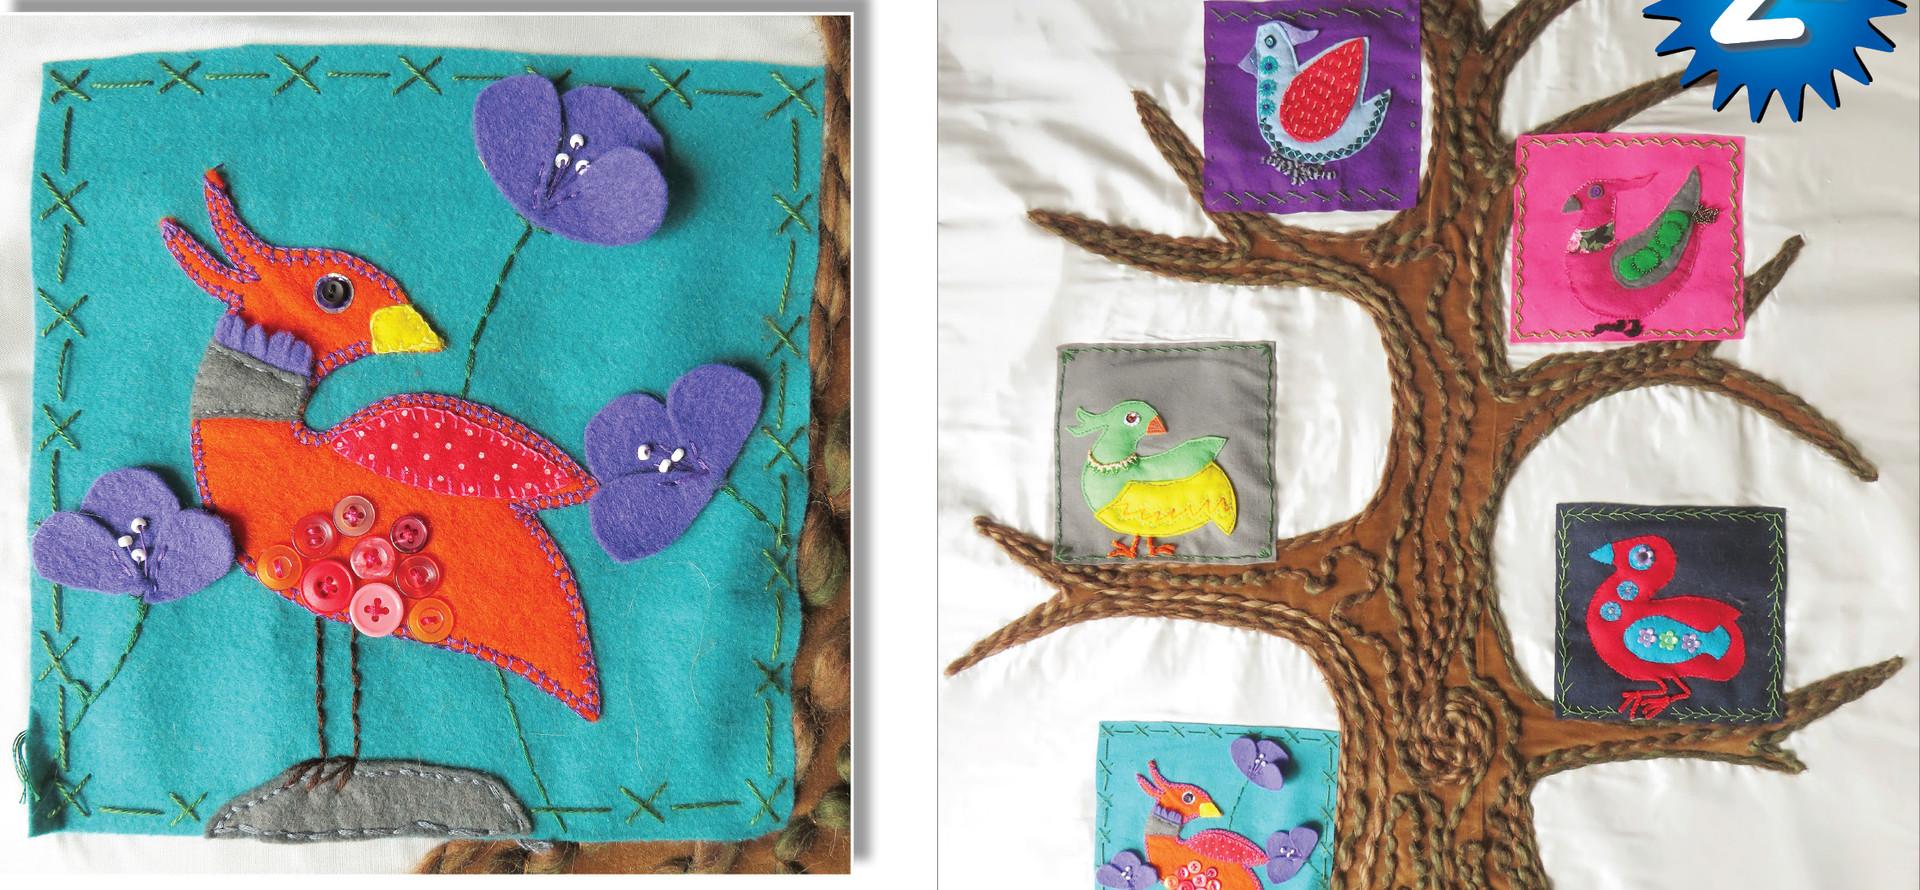 2nd: HAPPY BIRD-DAY by South Taranaki Junior Stitchers.